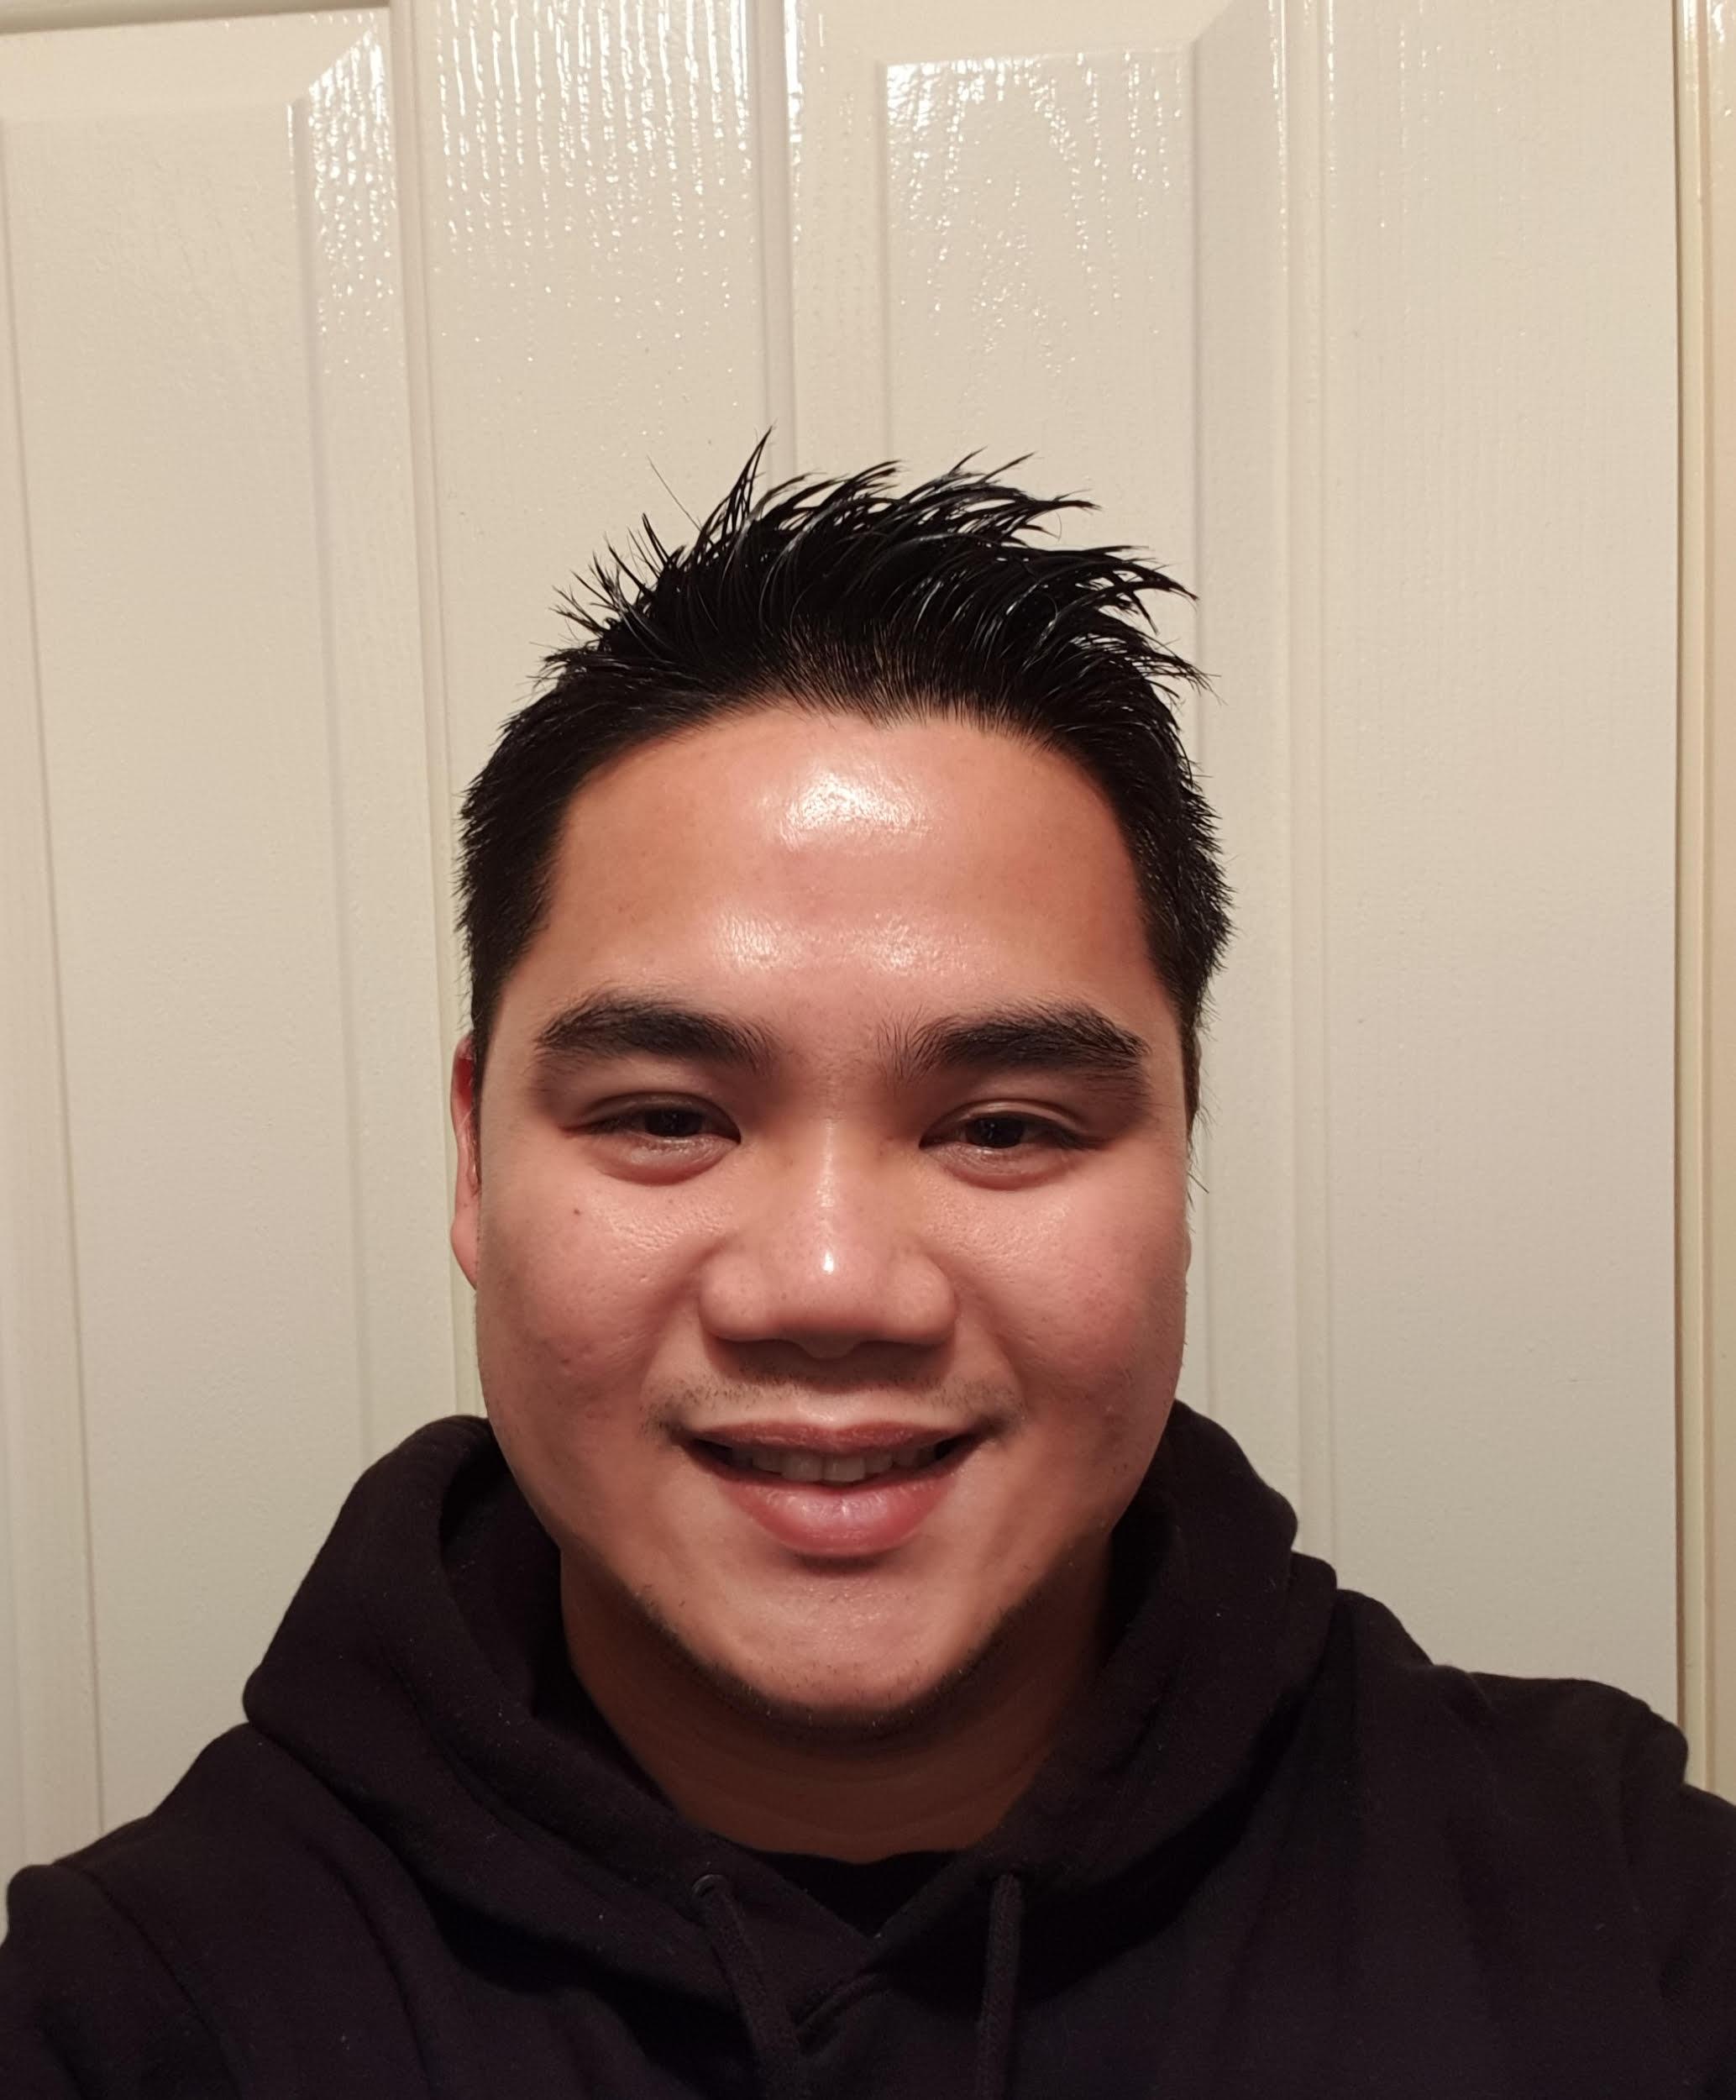 Frederick's profile picture